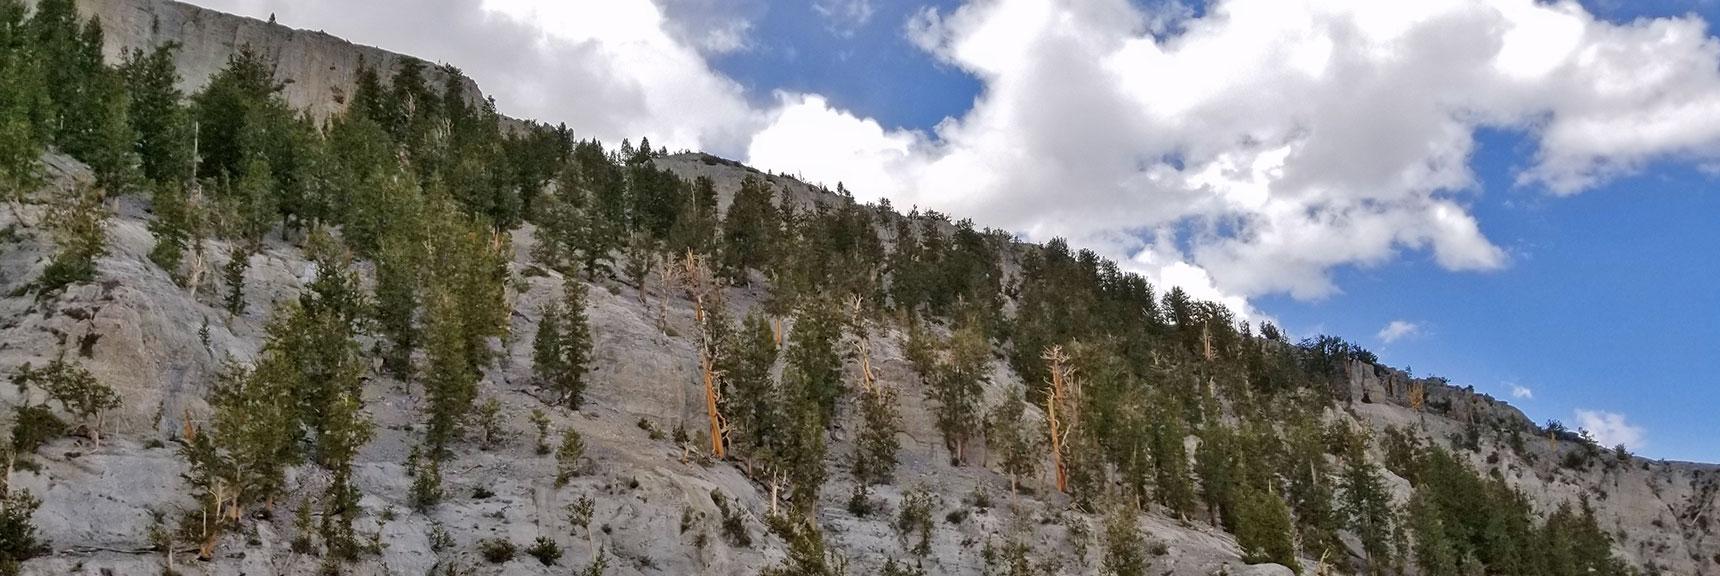 Mummy Mountain's Northern Cliffs   Mummy Mountain NNE, Mt. Charleston Wilderness, Nevada, Slide 026